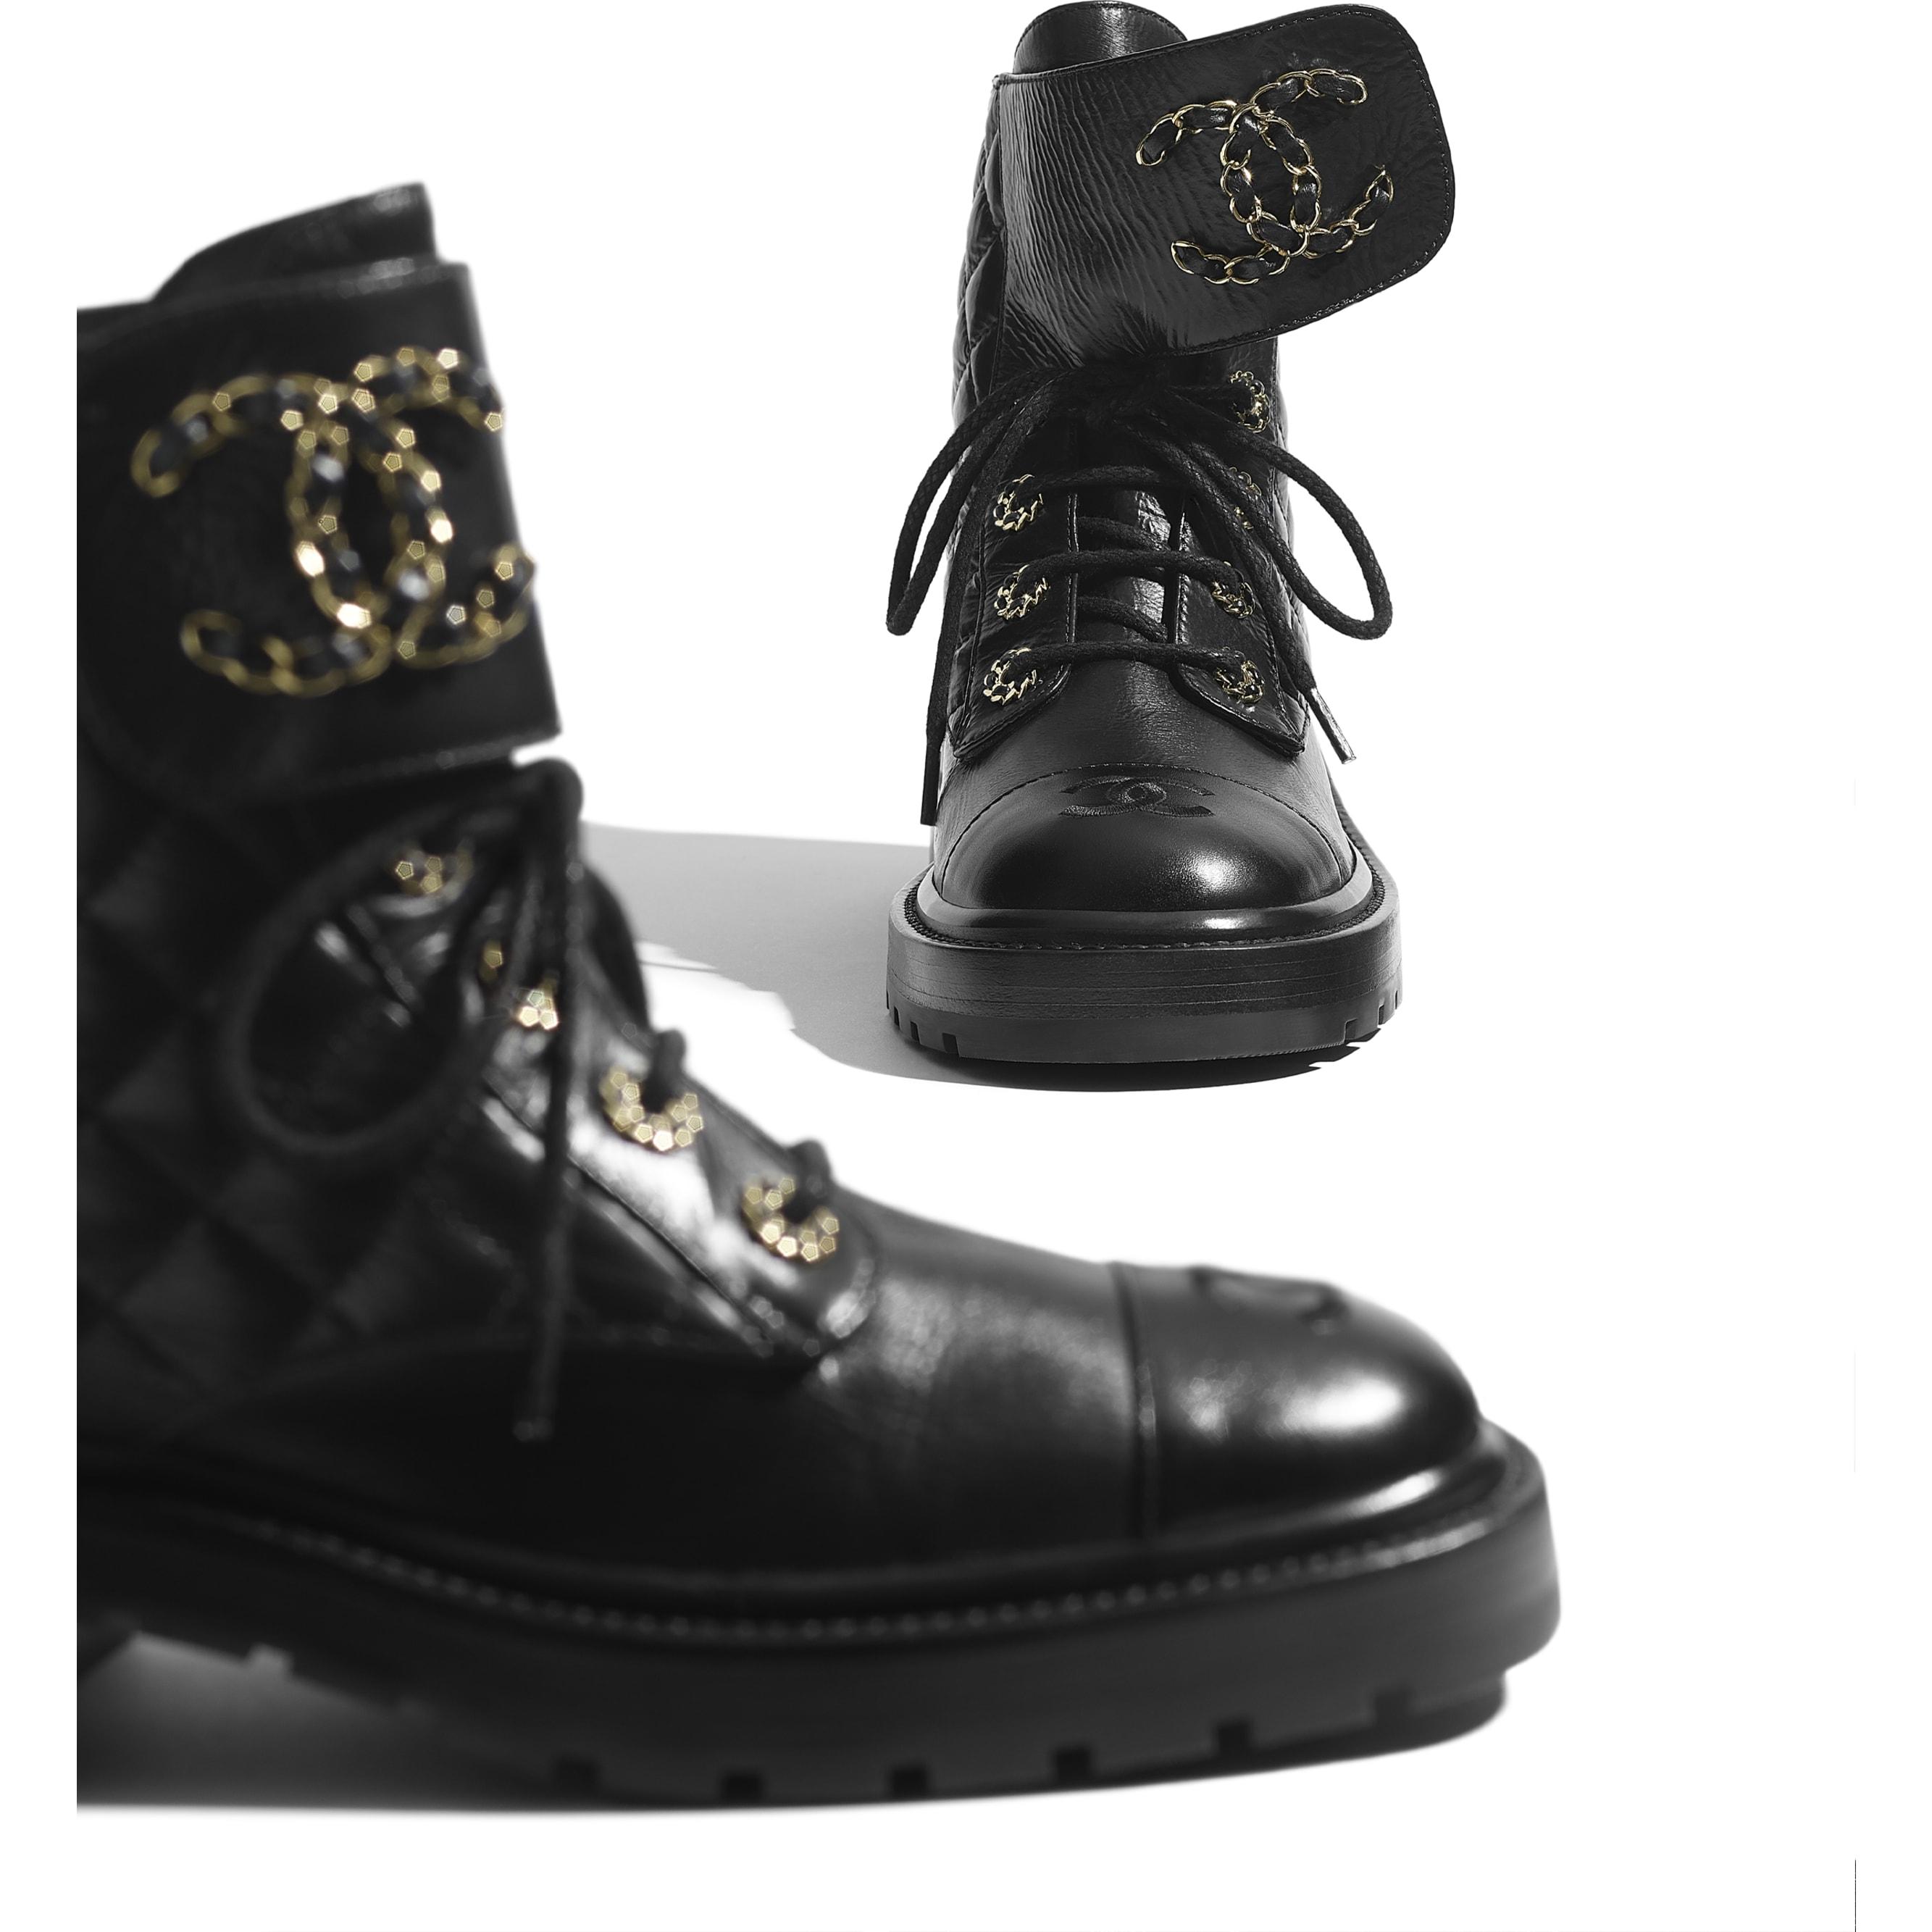 รองเท้าหุ้มส้นผูกเชือก - สีดำ - หนังแพะเคลือบเงาและหนังลูกวัว - CHANEL - มุมมองพิเศษ - ดูเวอร์ชันขนาดมาตรฐาน